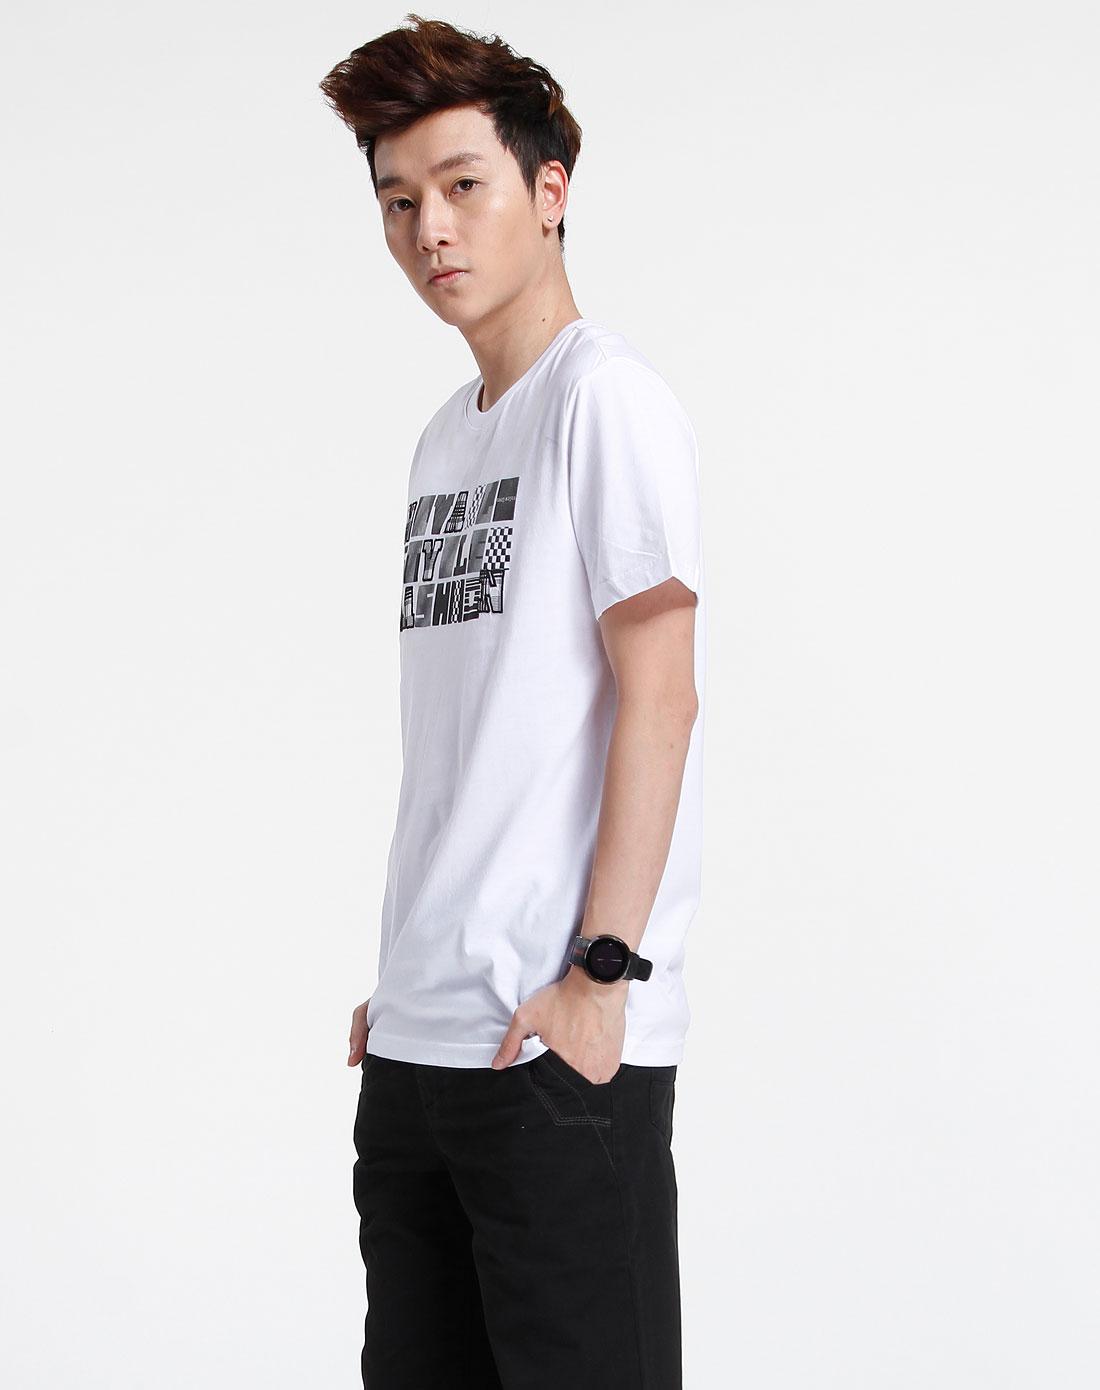 森马-男装白色休闲印花短袖t恤002151519-100图片